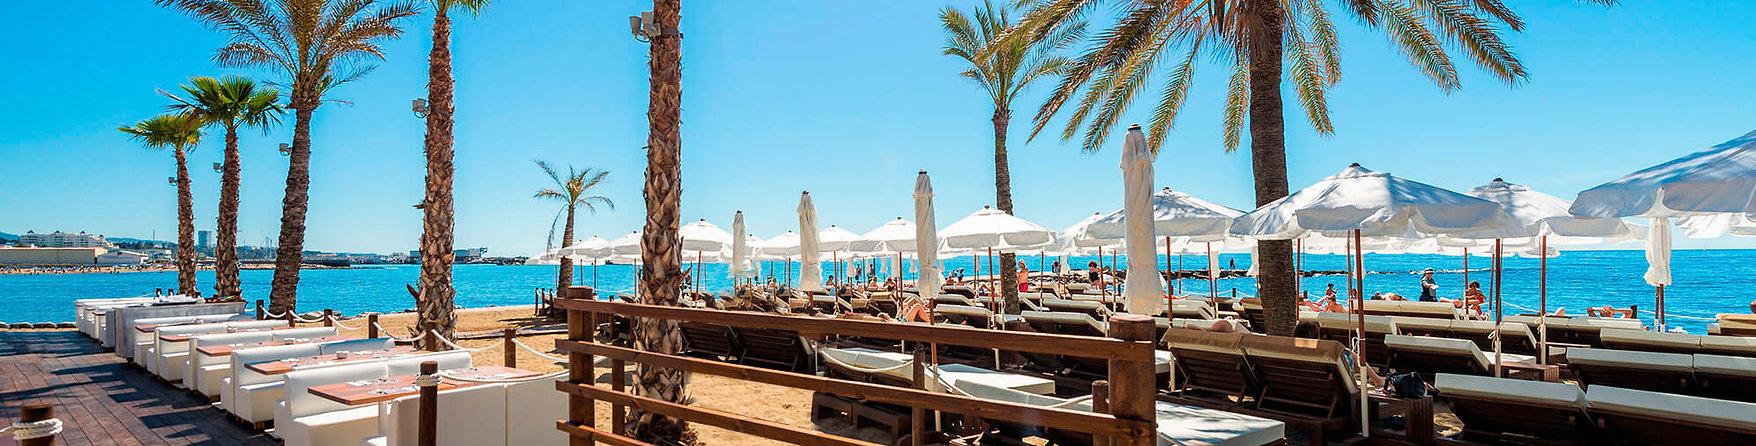 beach-club-marbella-verhuur-marbella